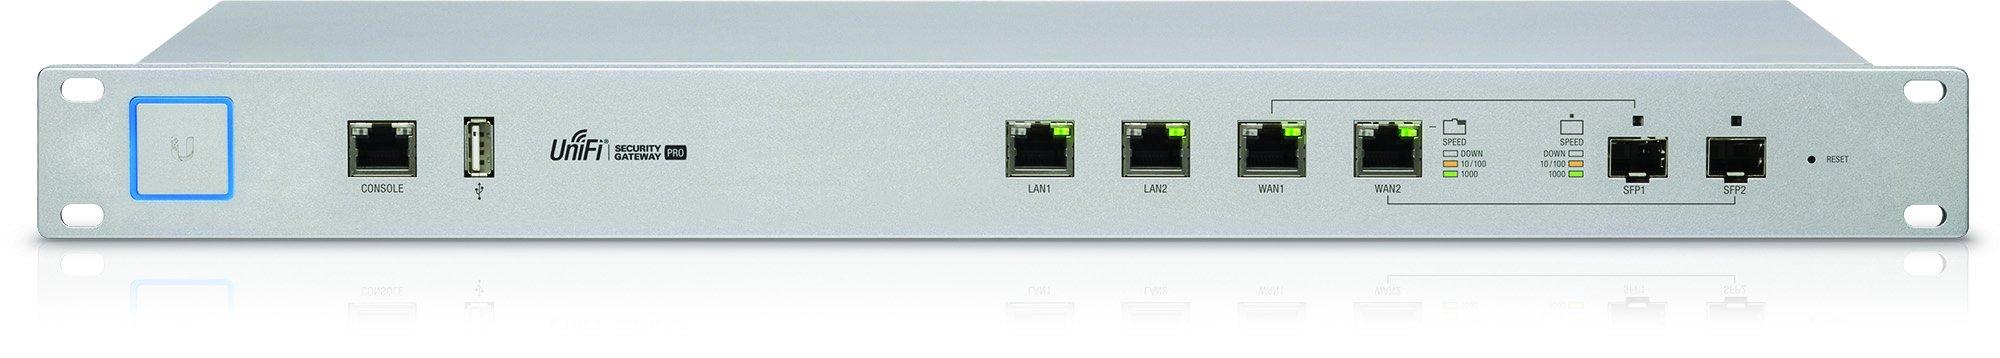 Unifi Security Gateway Pro 4-Port 1 Rack mount design Convenient VLAN support Form Factor: Rack-mountable